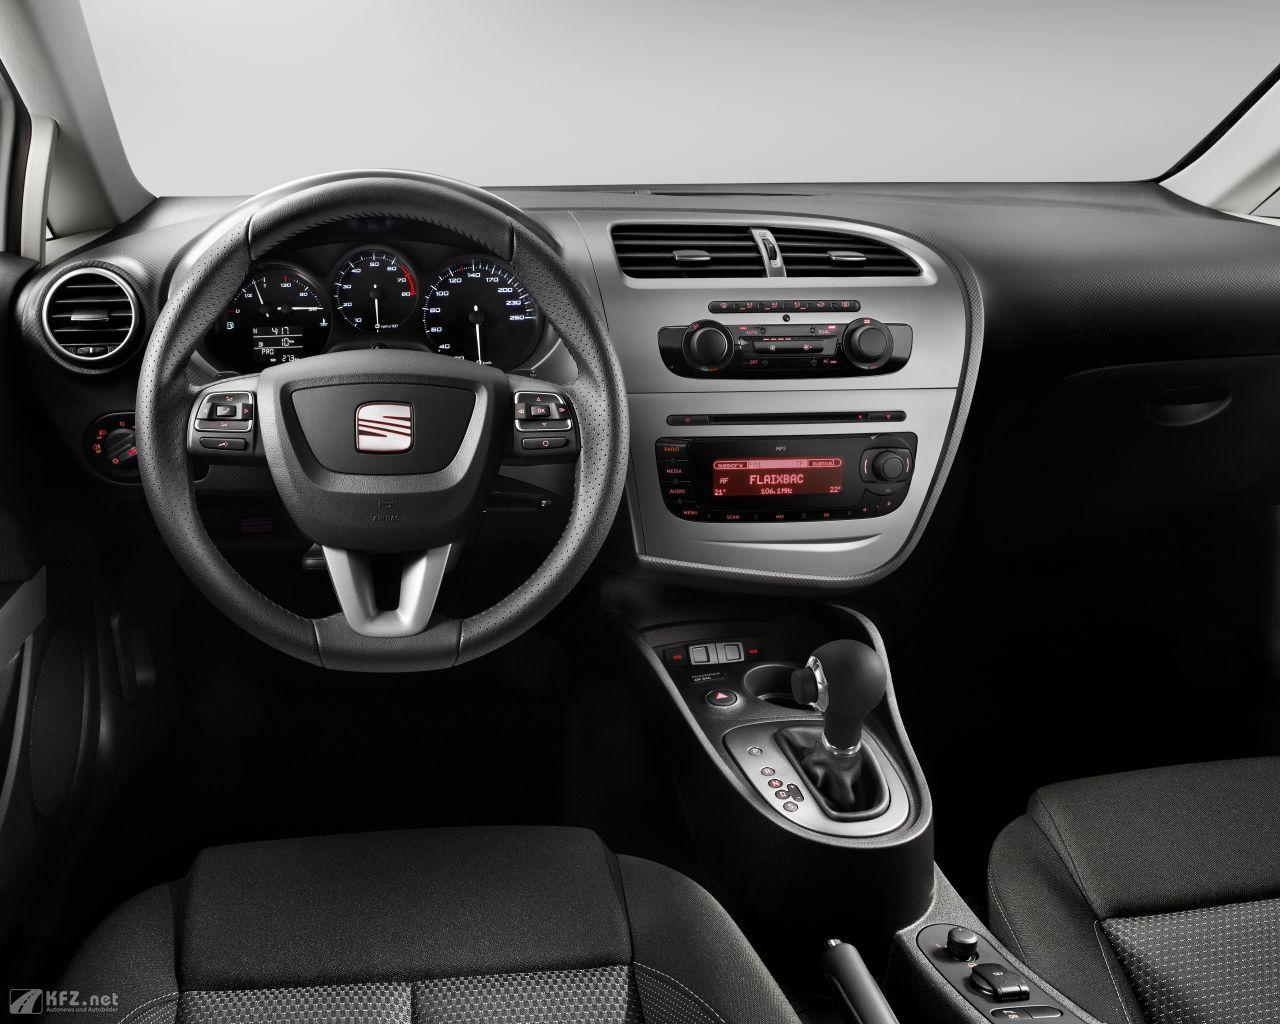 seat-leon-1280x1024-20